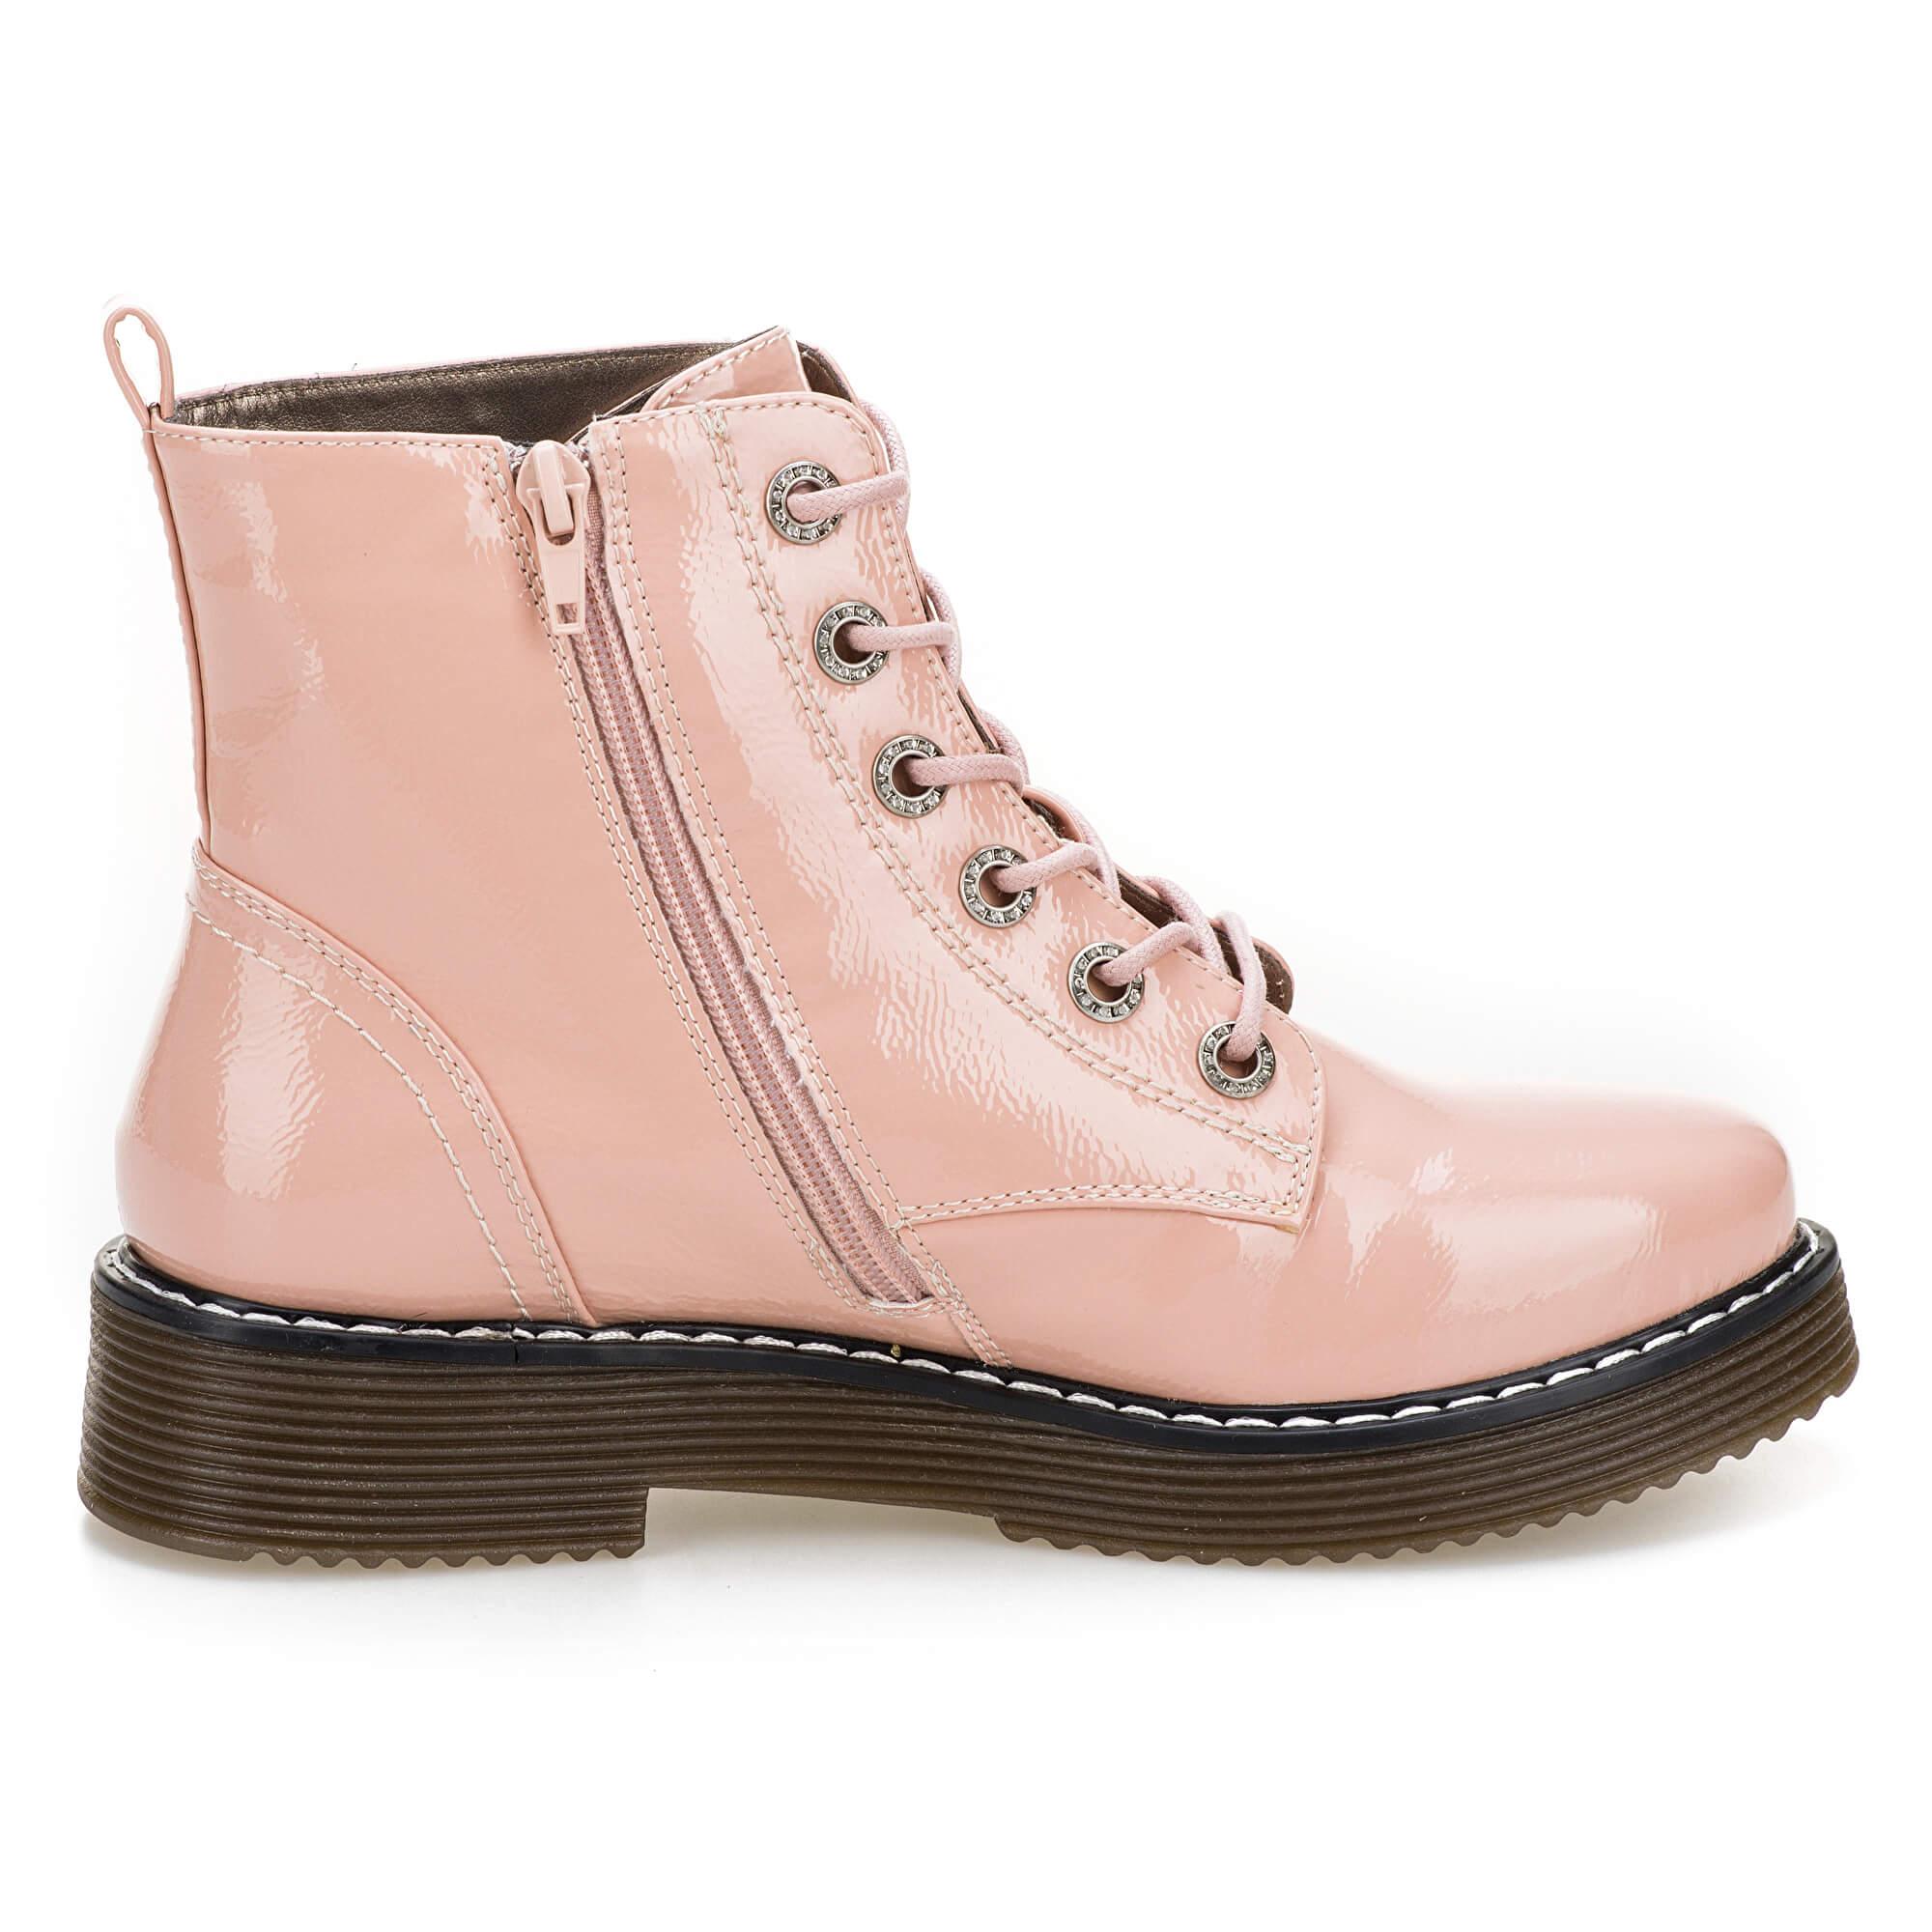 1c022c17c55 Dámské kožené kotníkové boty 431549325900-3400 Rose